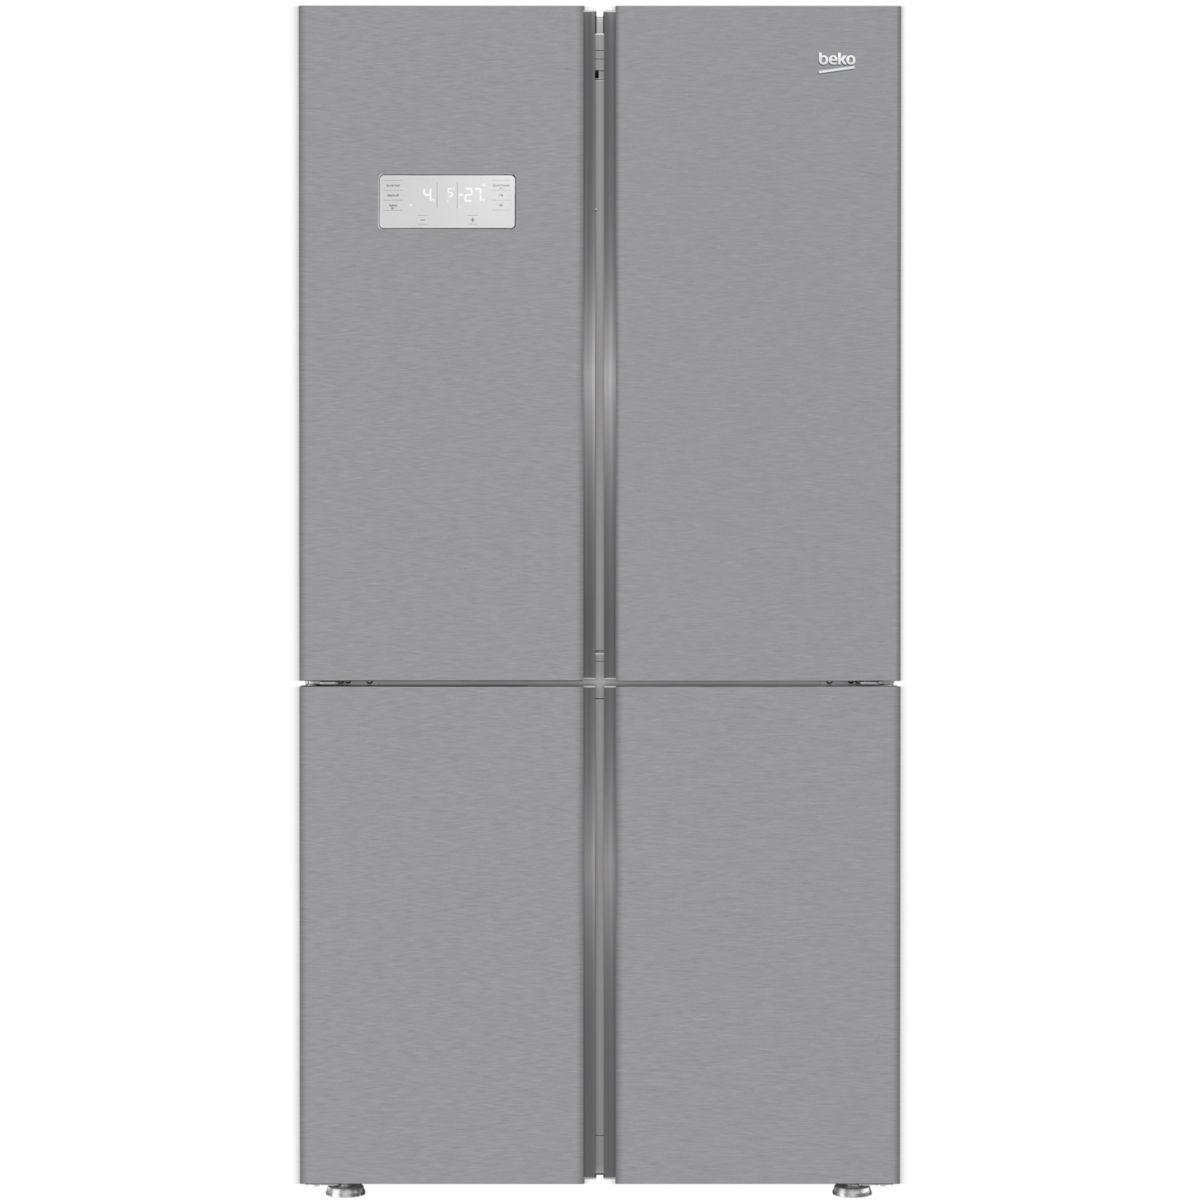 Réfrigérateur multi portes BEKO GN1416223ZX